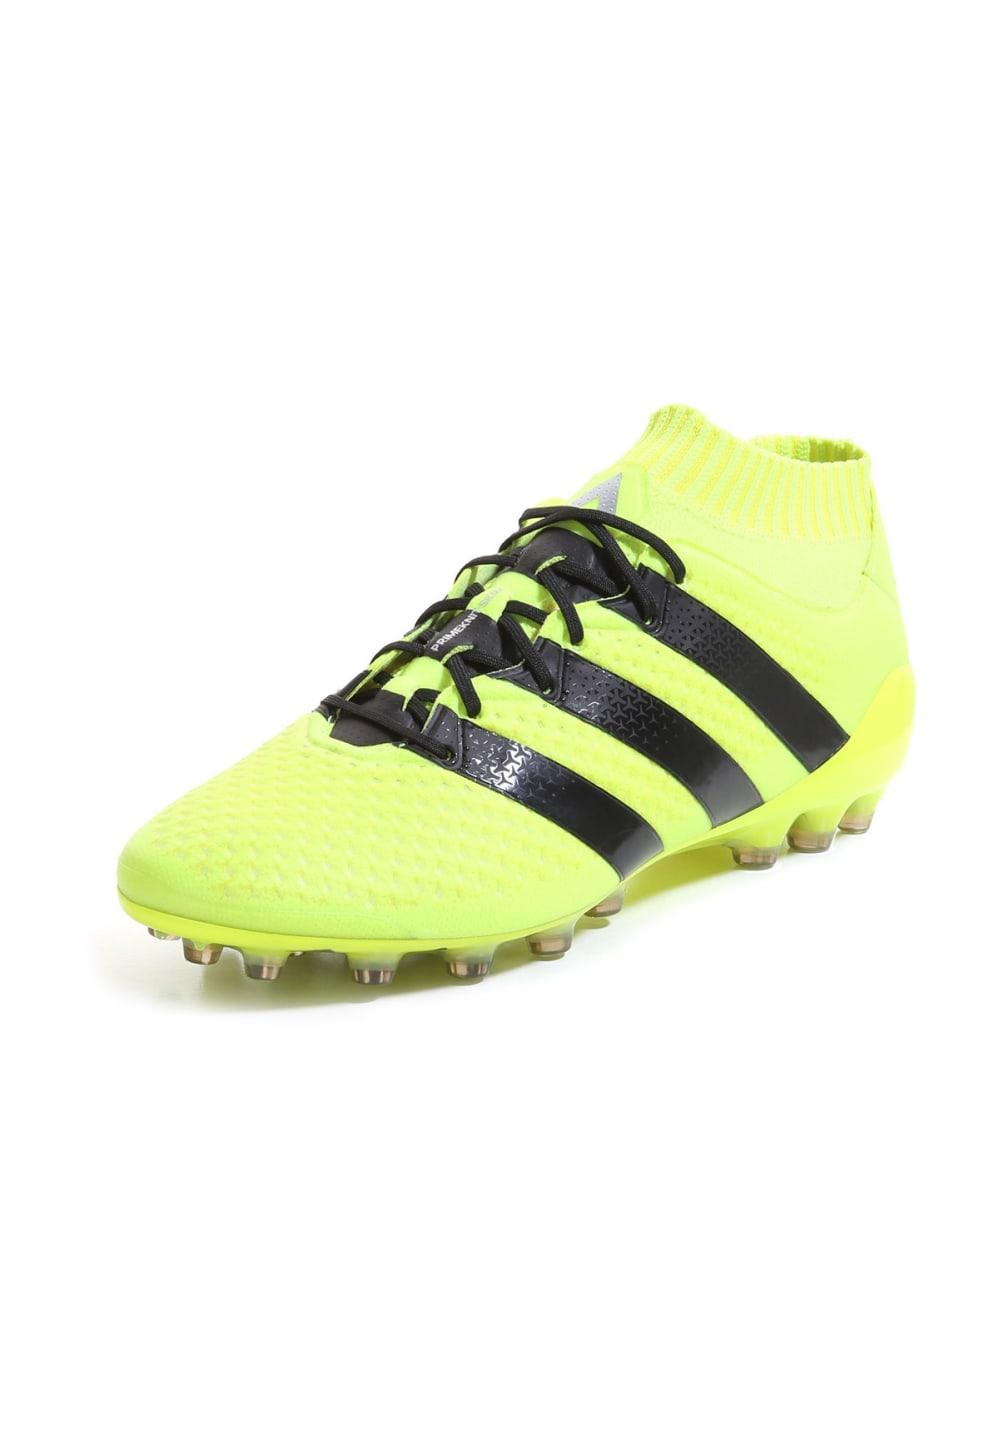 Pour Homme Ag Ace Jaune Adidas 1 De Primeknit Foot 16 Chaussures WYD9Eb2eHI